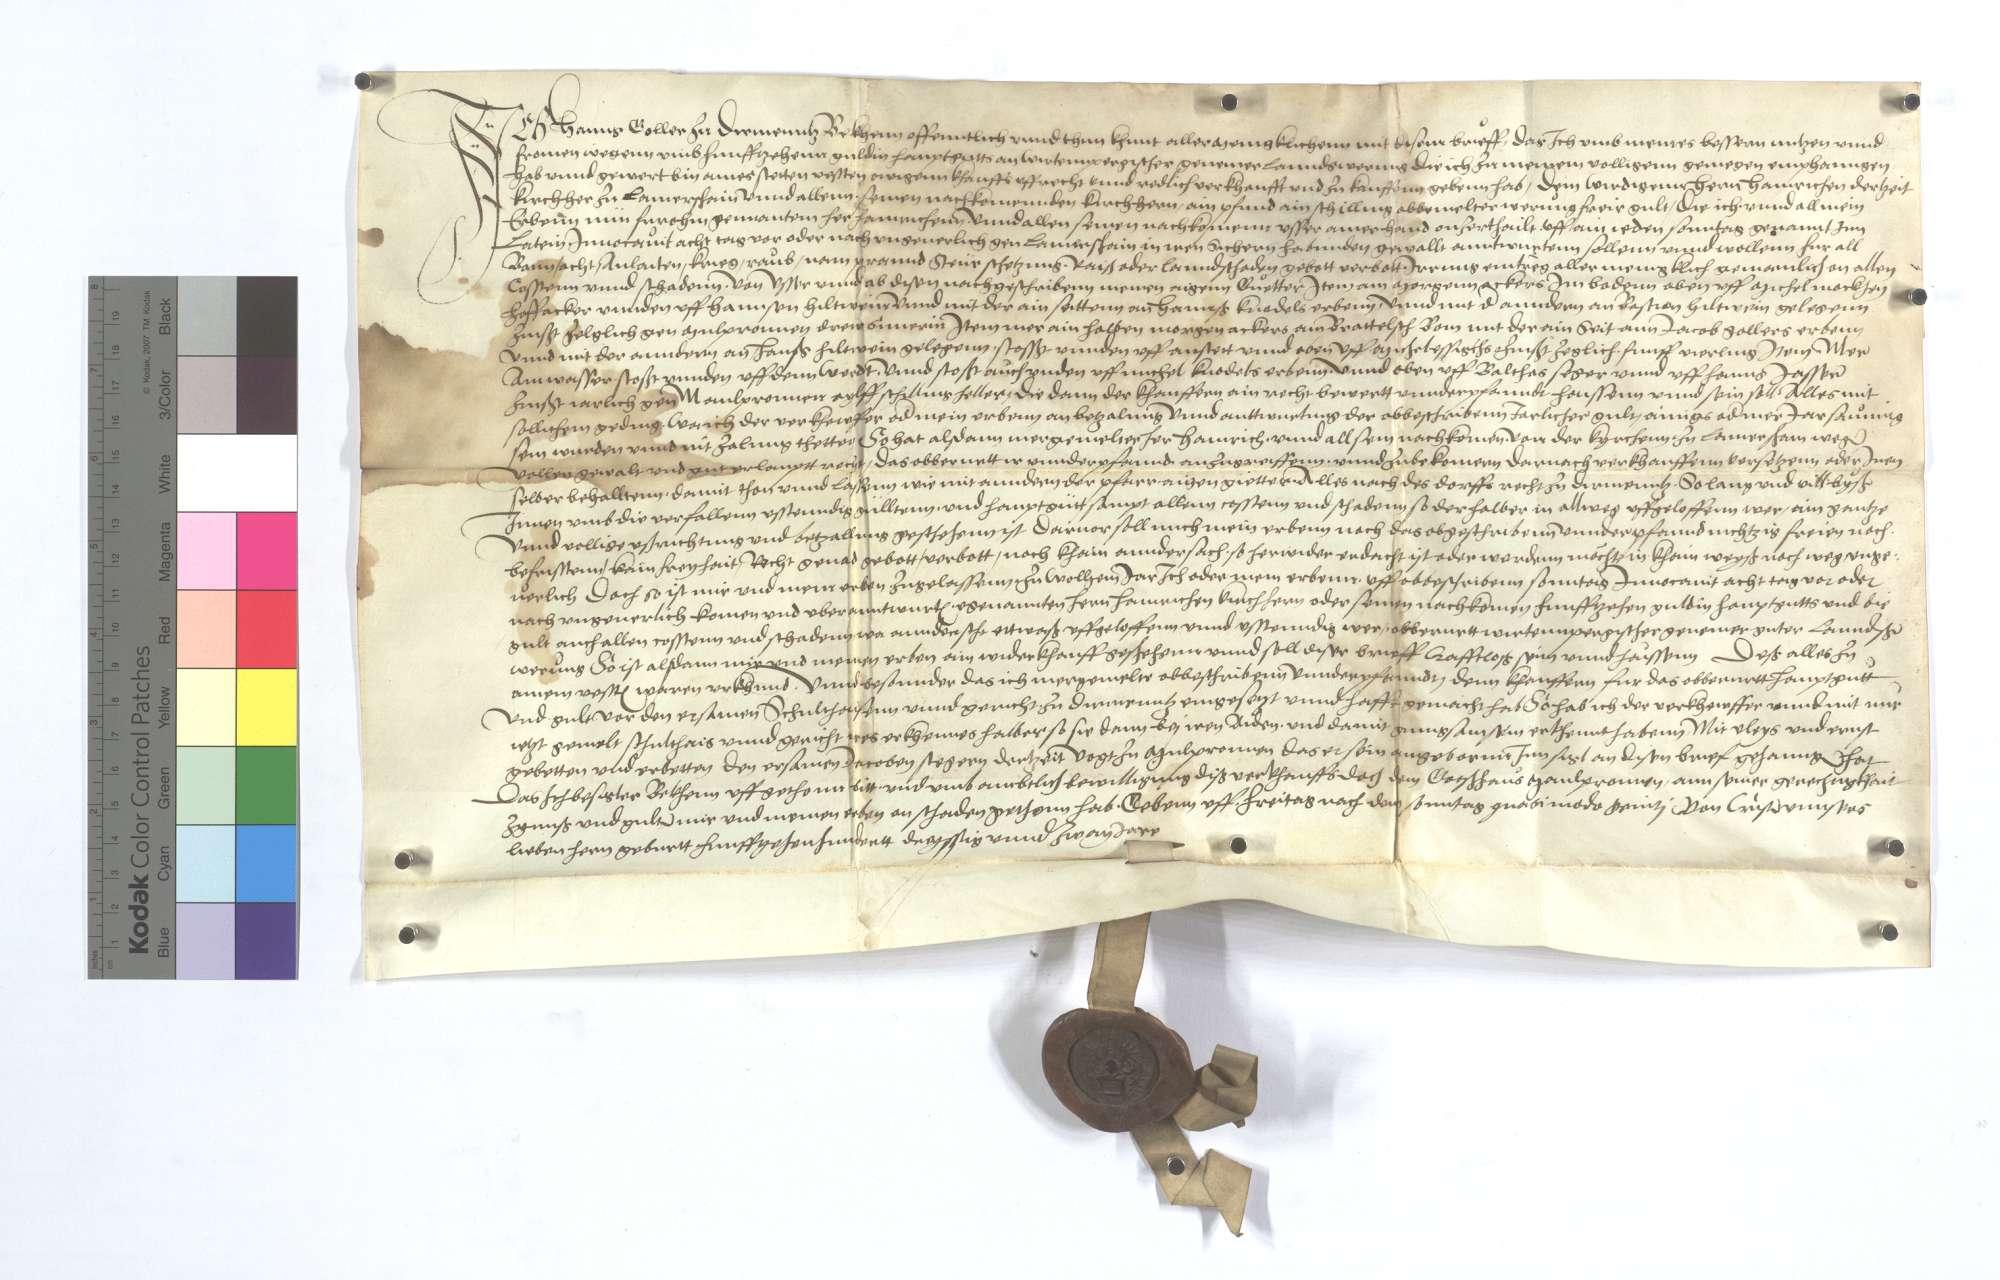 Fertigung Hans Gollers von Dürrmenz gegen den Pfarrer zu Lomersheim um 1 Pfund 1 Schillingheller jährliche ewige Gült aus seinen Gütern dort., Text